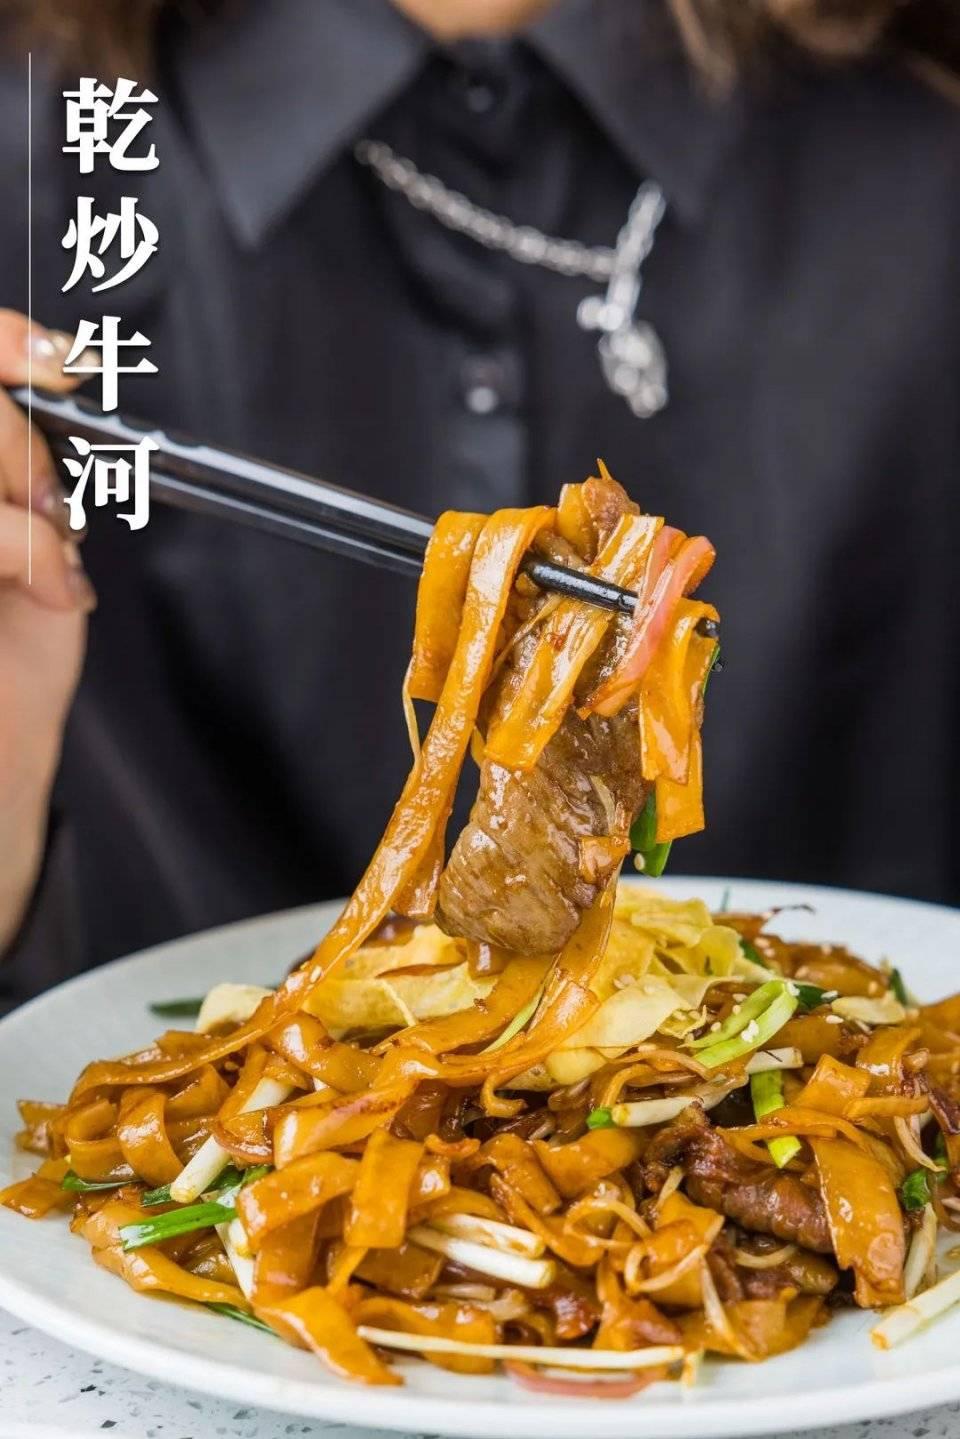 江南西老广大排档,现啫鲍鱼鸡煲、咸蛋黄炒膏蟹!